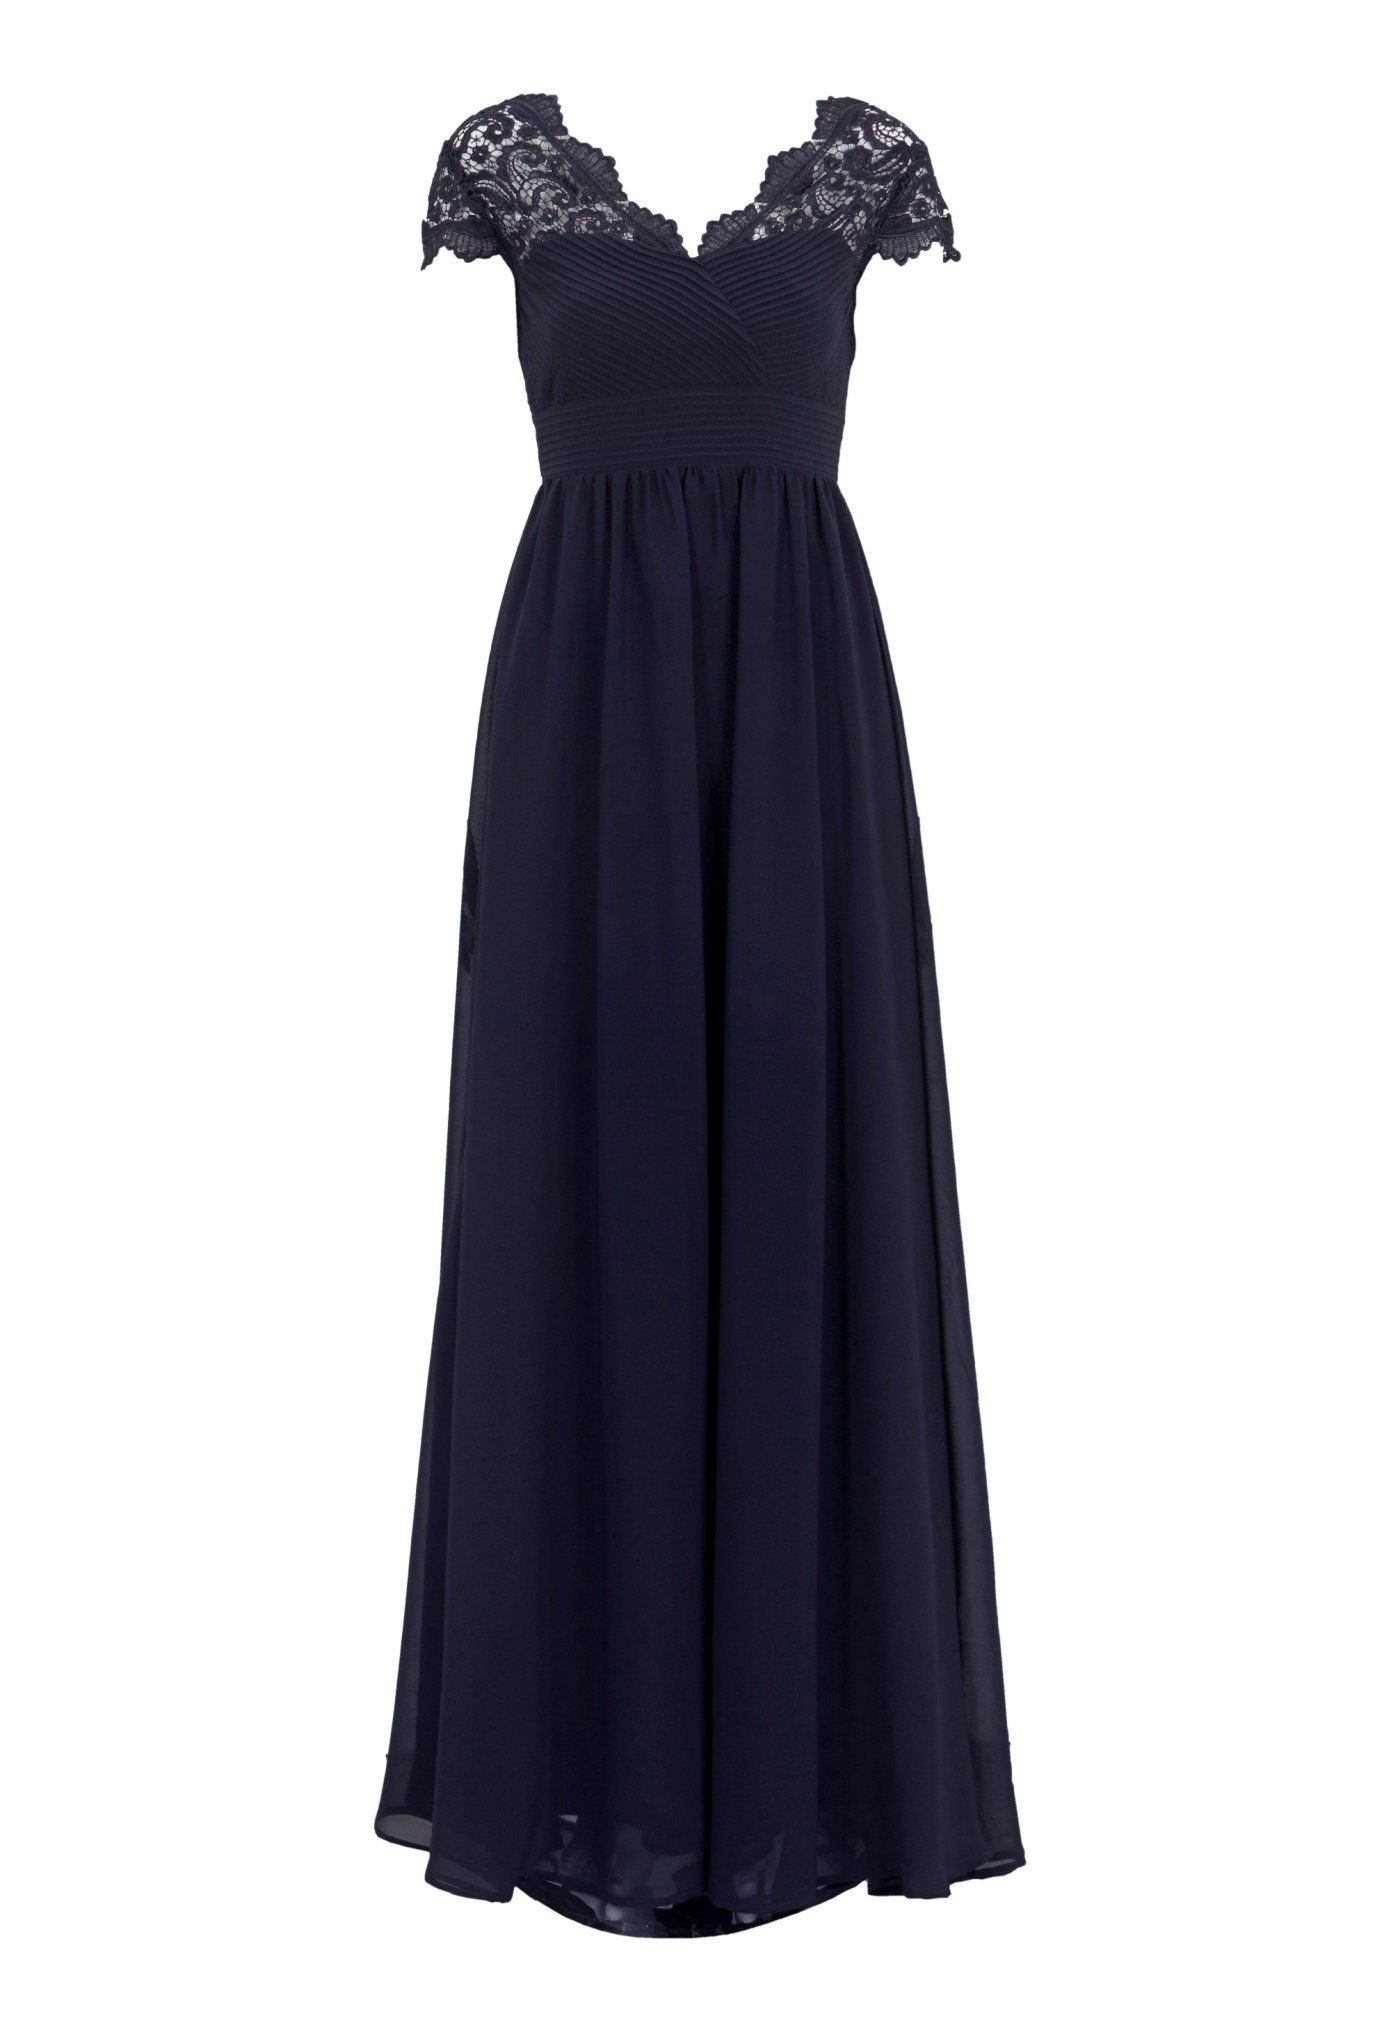 33279c7adfa8 Chiara Forthi Leighann Gown Dark blue - Bubbleroom